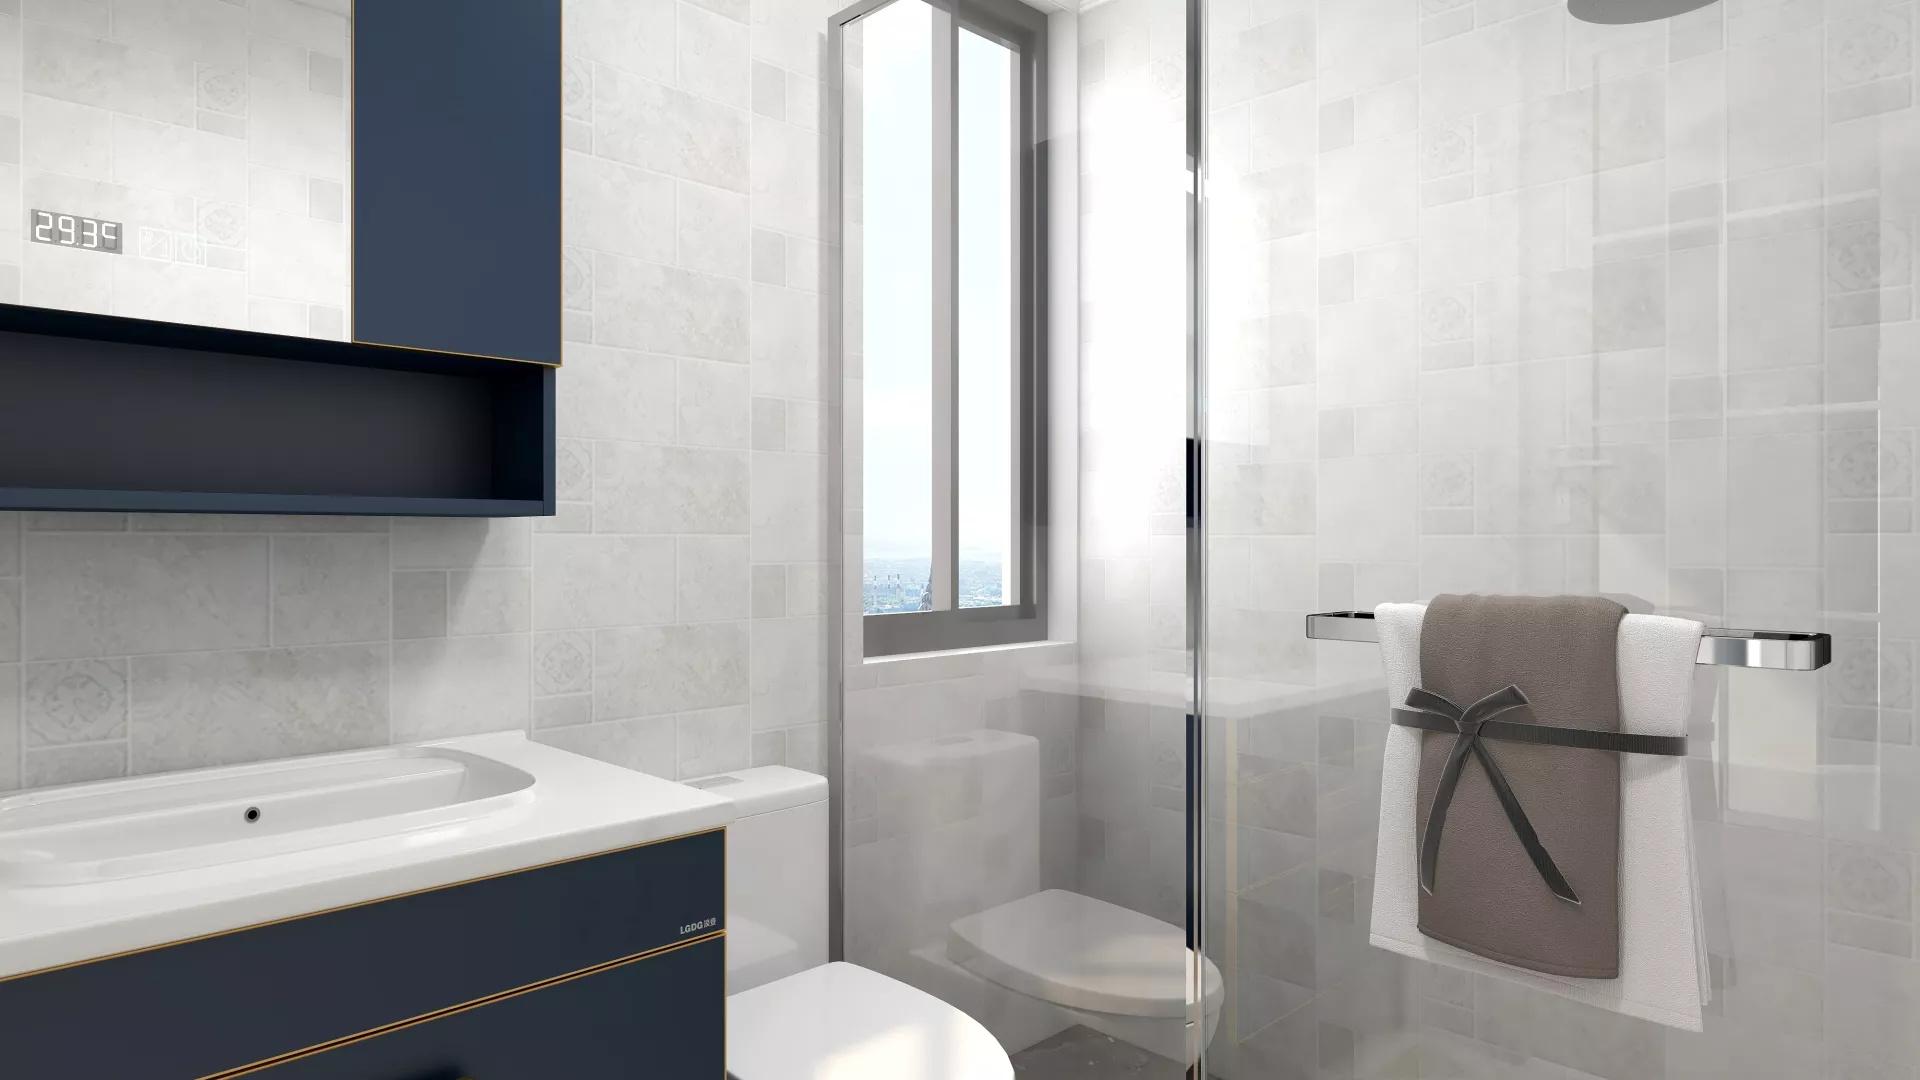 欧式风格大气奢华客厅豪华装修效果图